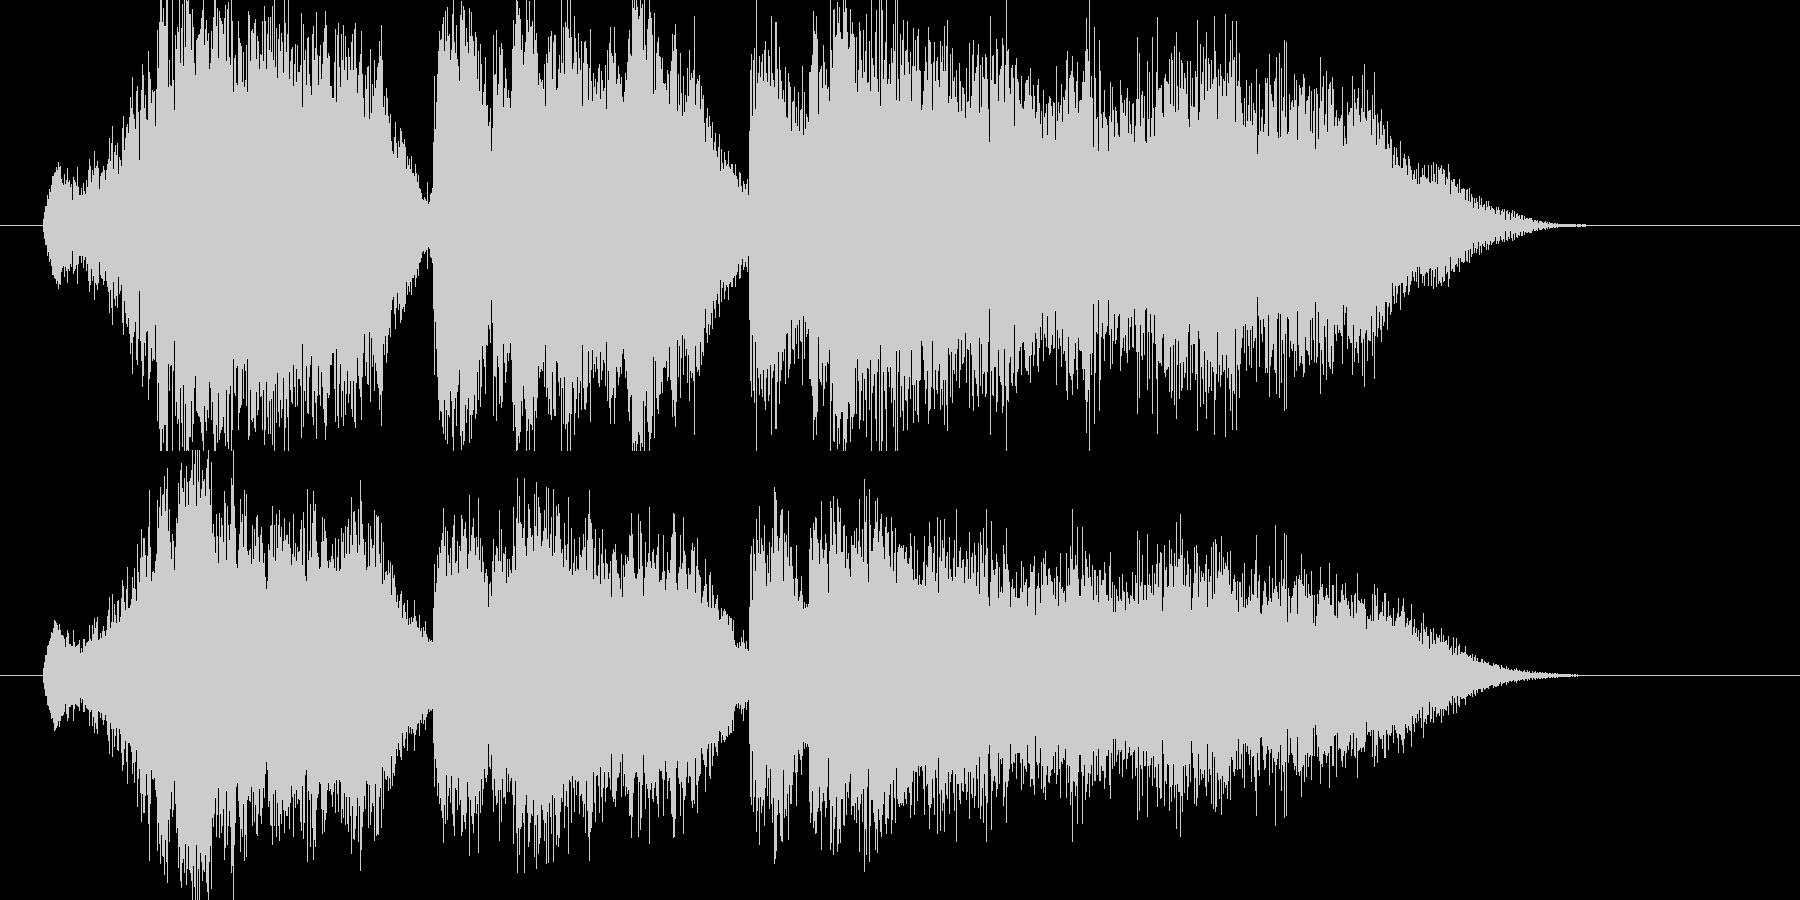 衝撃的なシンセ・シンバルのサウンドの未再生の波形